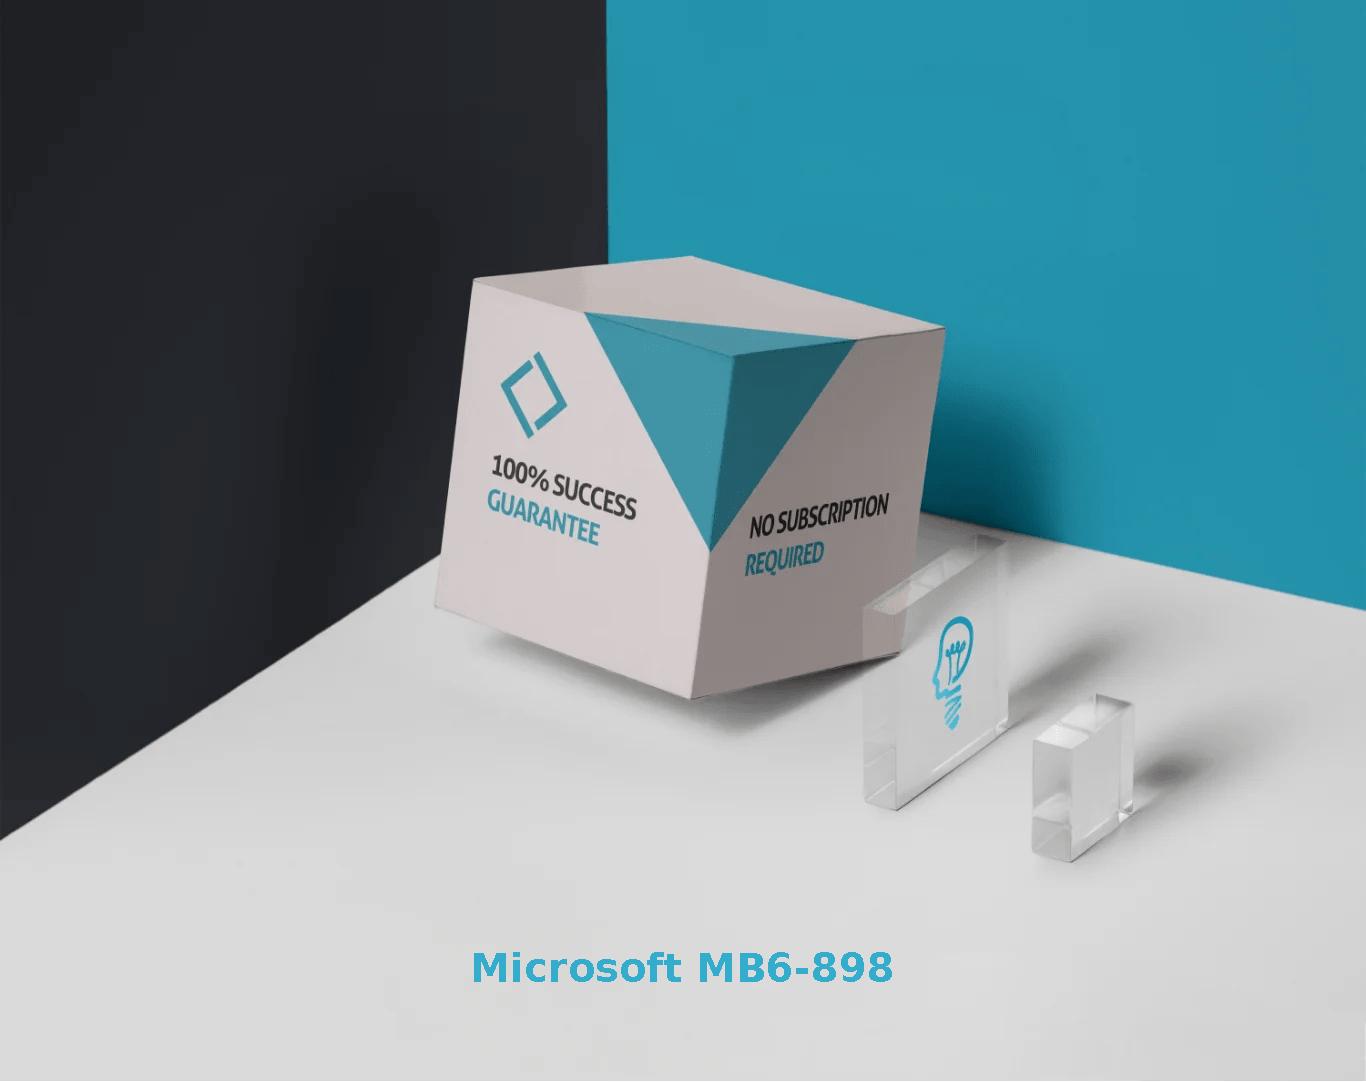 MB6-898 Dumps